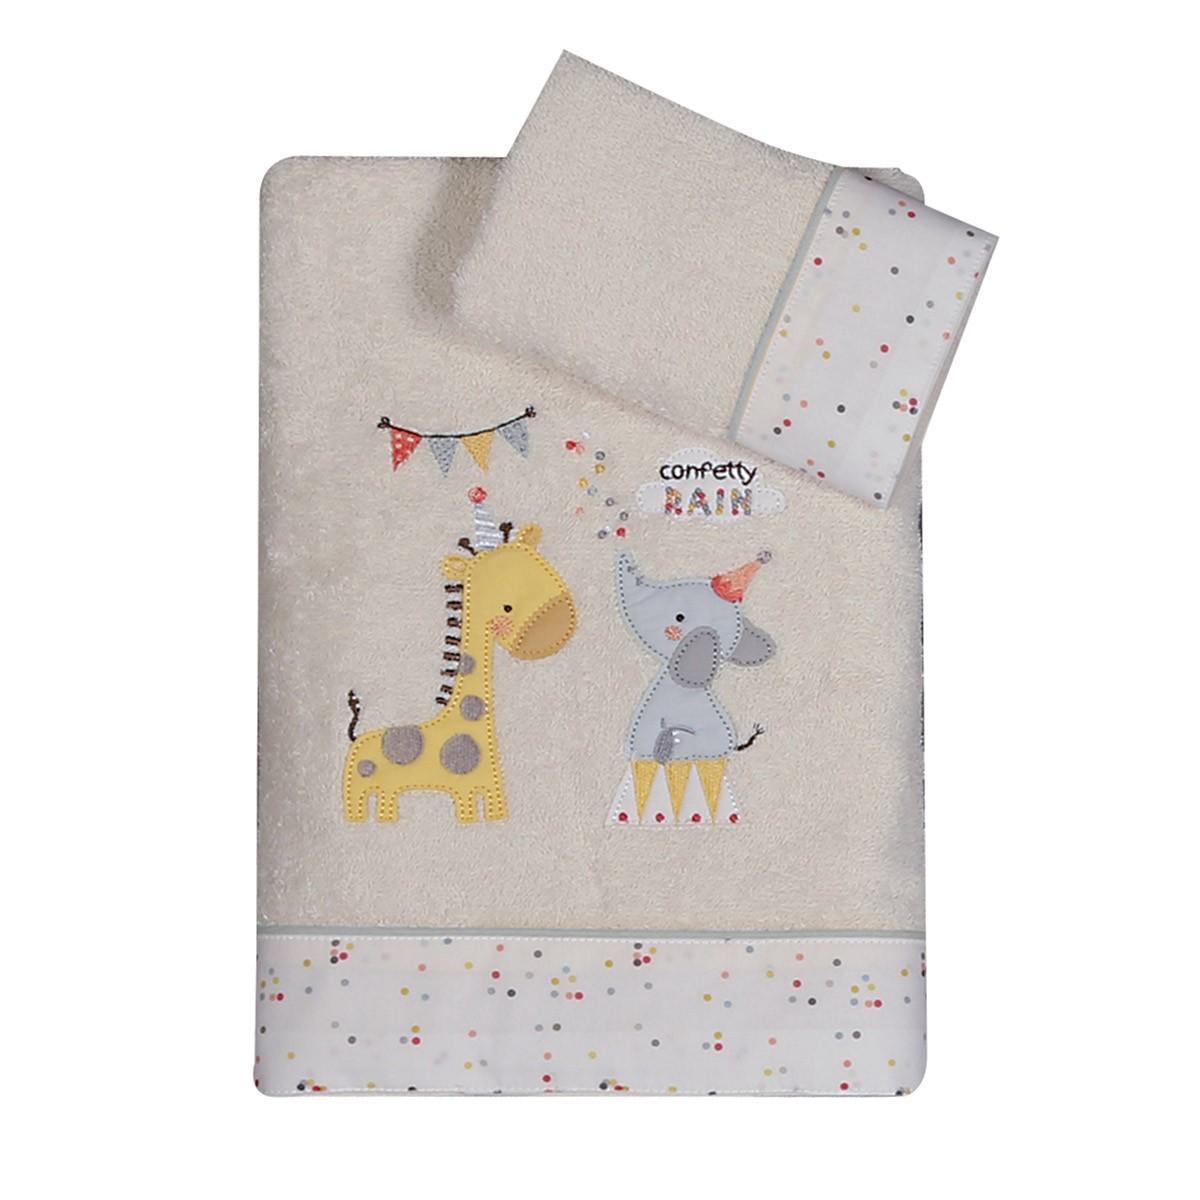 Βρεφικές Πετσέτες (Σετ 2τμχ) Nef-Nef Baby Confetti Rain